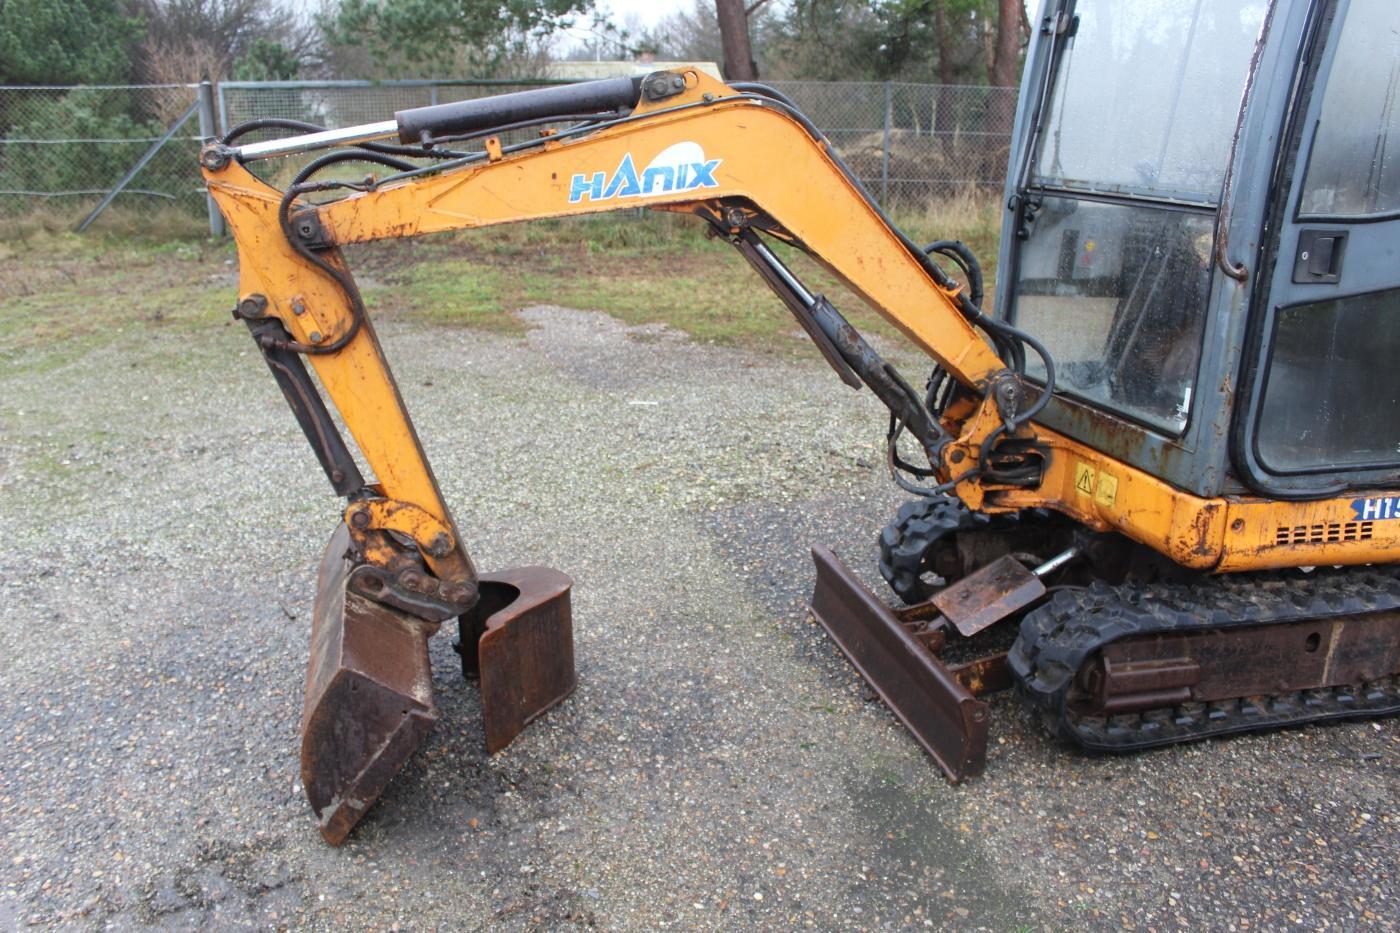 1,5 tons Minigraver mærke Hanix med 2 skovle. 3884 timer. - KJ Auktion - Maskinauktioner